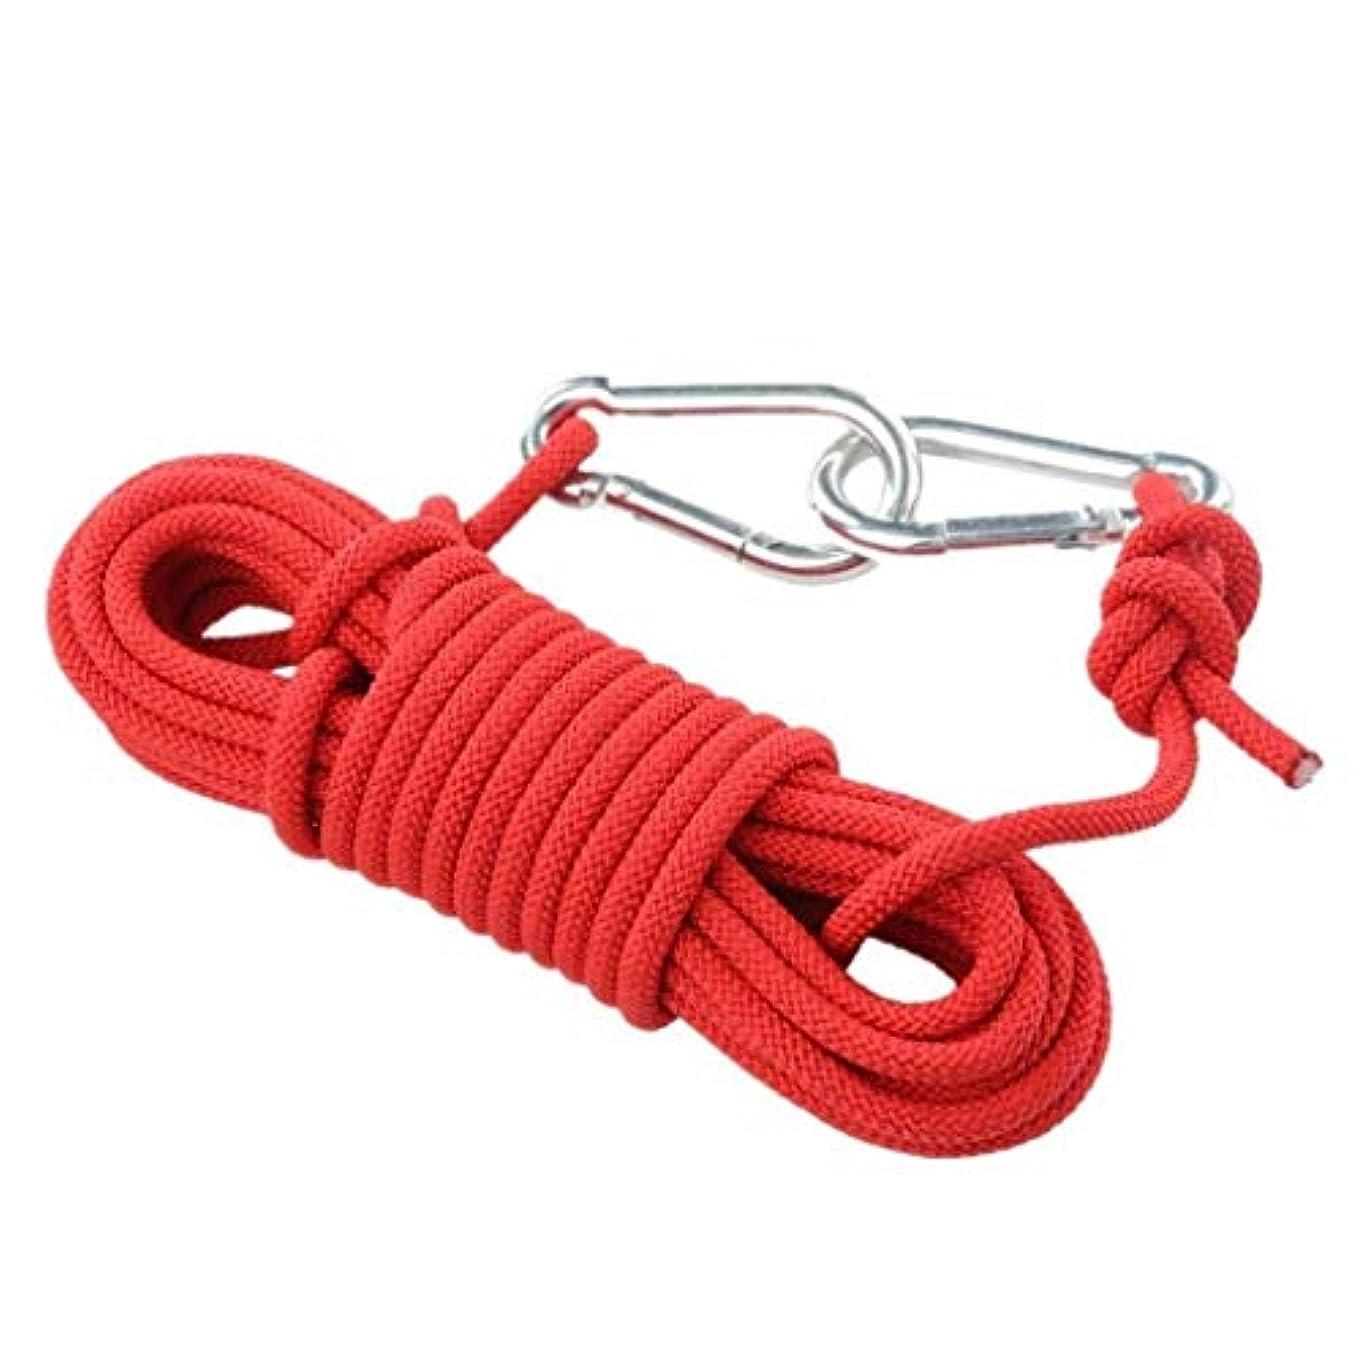 パトロン熱帯のロビー登山ロープの家の火の緊急脱出ロープ、ハイキングの洞窟探検のキャンプの救助調査および工学保護のための多機能のコードの安全ロープ。 (Color : 赤, Size : 15m)